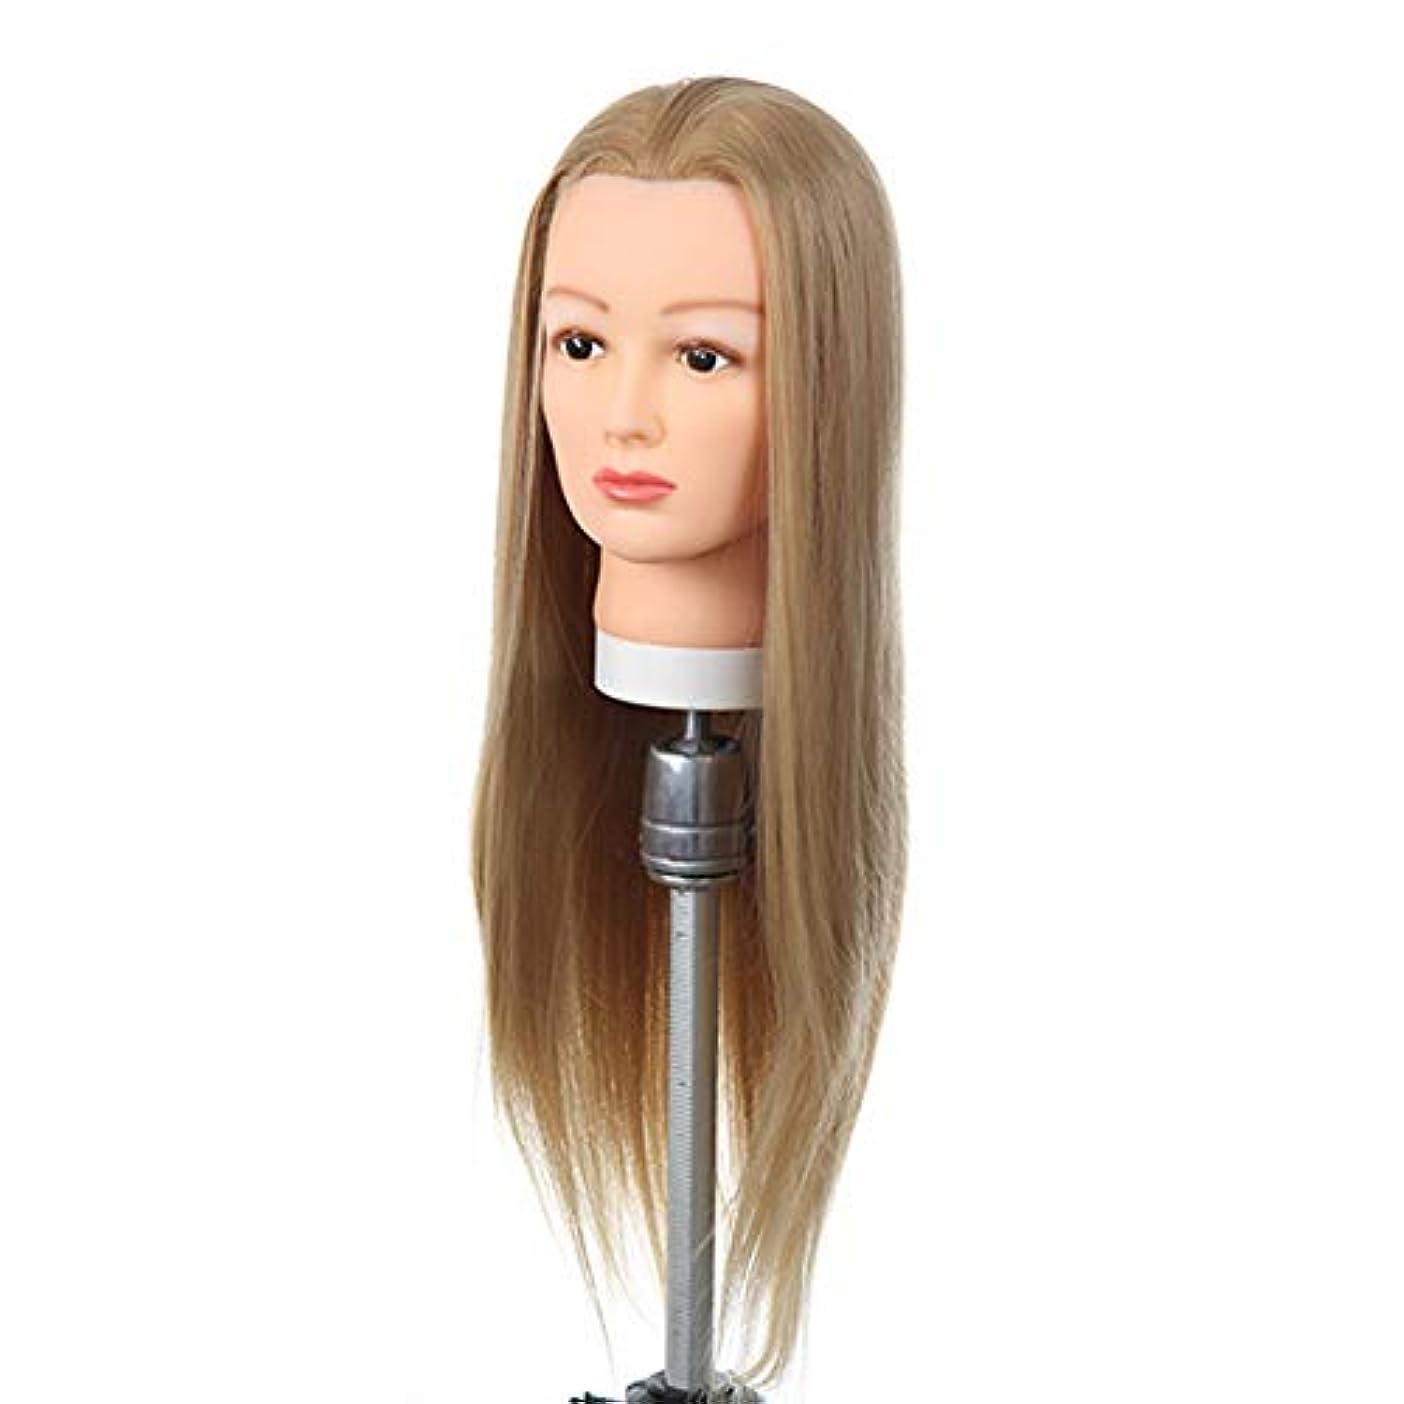 成長する教授非効率的な高温シルクヘアエクササイズヘッド理髪店トリムヘアトレーニングヘッドブライダルメイクスタイリングヘアモデルダミーヘッド